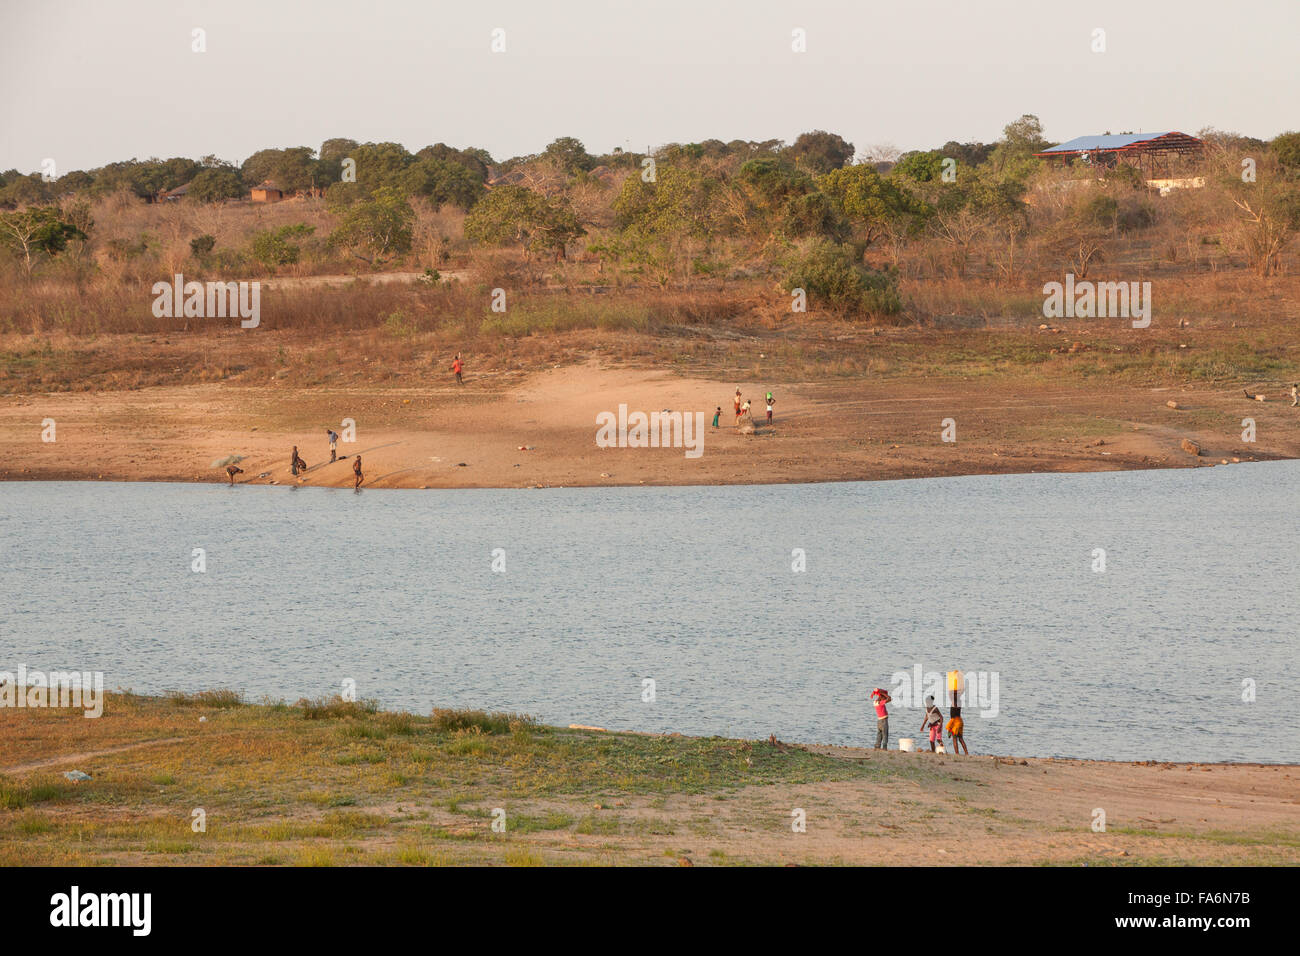 Los residentes Muecula sacar agua del río cerca de la presa de Nacala, en la provincia de Nampula, Mozambique. Imagen De Stock